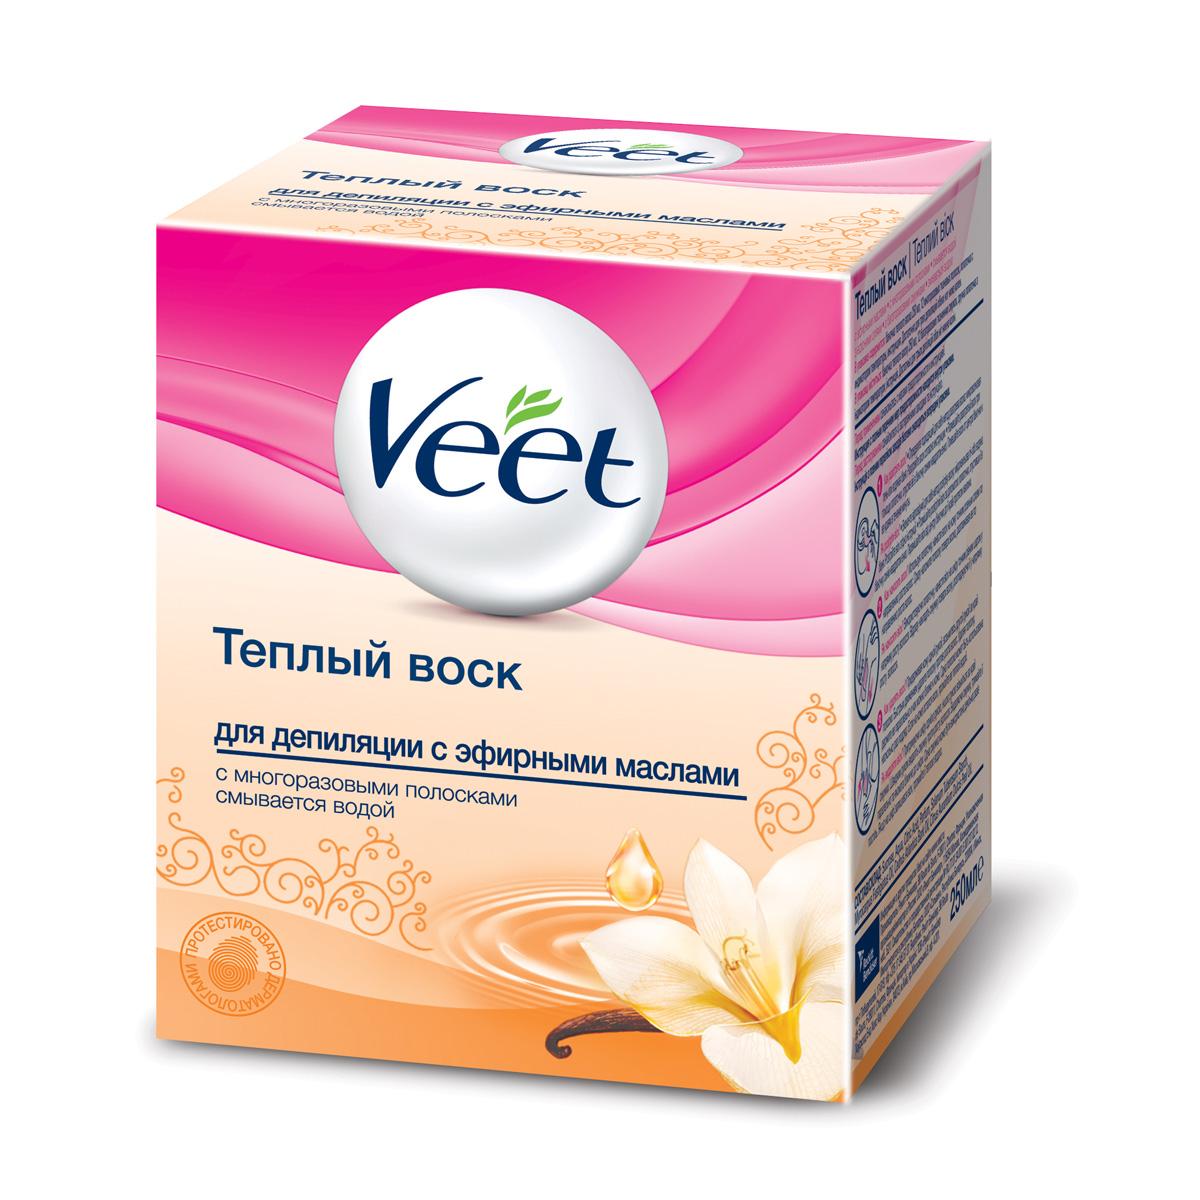 Veet Теплый воск для эпиляции, с эфирными маслами, 250 млBNC 90383Теплый воск Veet для эпиляции содержит эфирные масла. Благодаря формуле, основанной на натуральных ингредиентах, воск удаляет волосы с первого раза и оставляет вашу кожу увлажненной. Ваша кожа нежная и гладкая до 4 недель. Способ применения: Нагрейте воск в течение 40 секунд в микроволновой печи или 10 минут в кипящей воде. Температурный индикатор, на конце лопаточки, сообщит, если воск слишком горячий. Наносите воск при помощи удобной лопаточки подходящей для различных участков тела. Остатки воска смойте водой. В набор входят:баночка с воском, 12 многоразовых тканевых полосок, лопаточка, инструкция по применению.Объем воска: 250 мл.Товар сертифицирован.